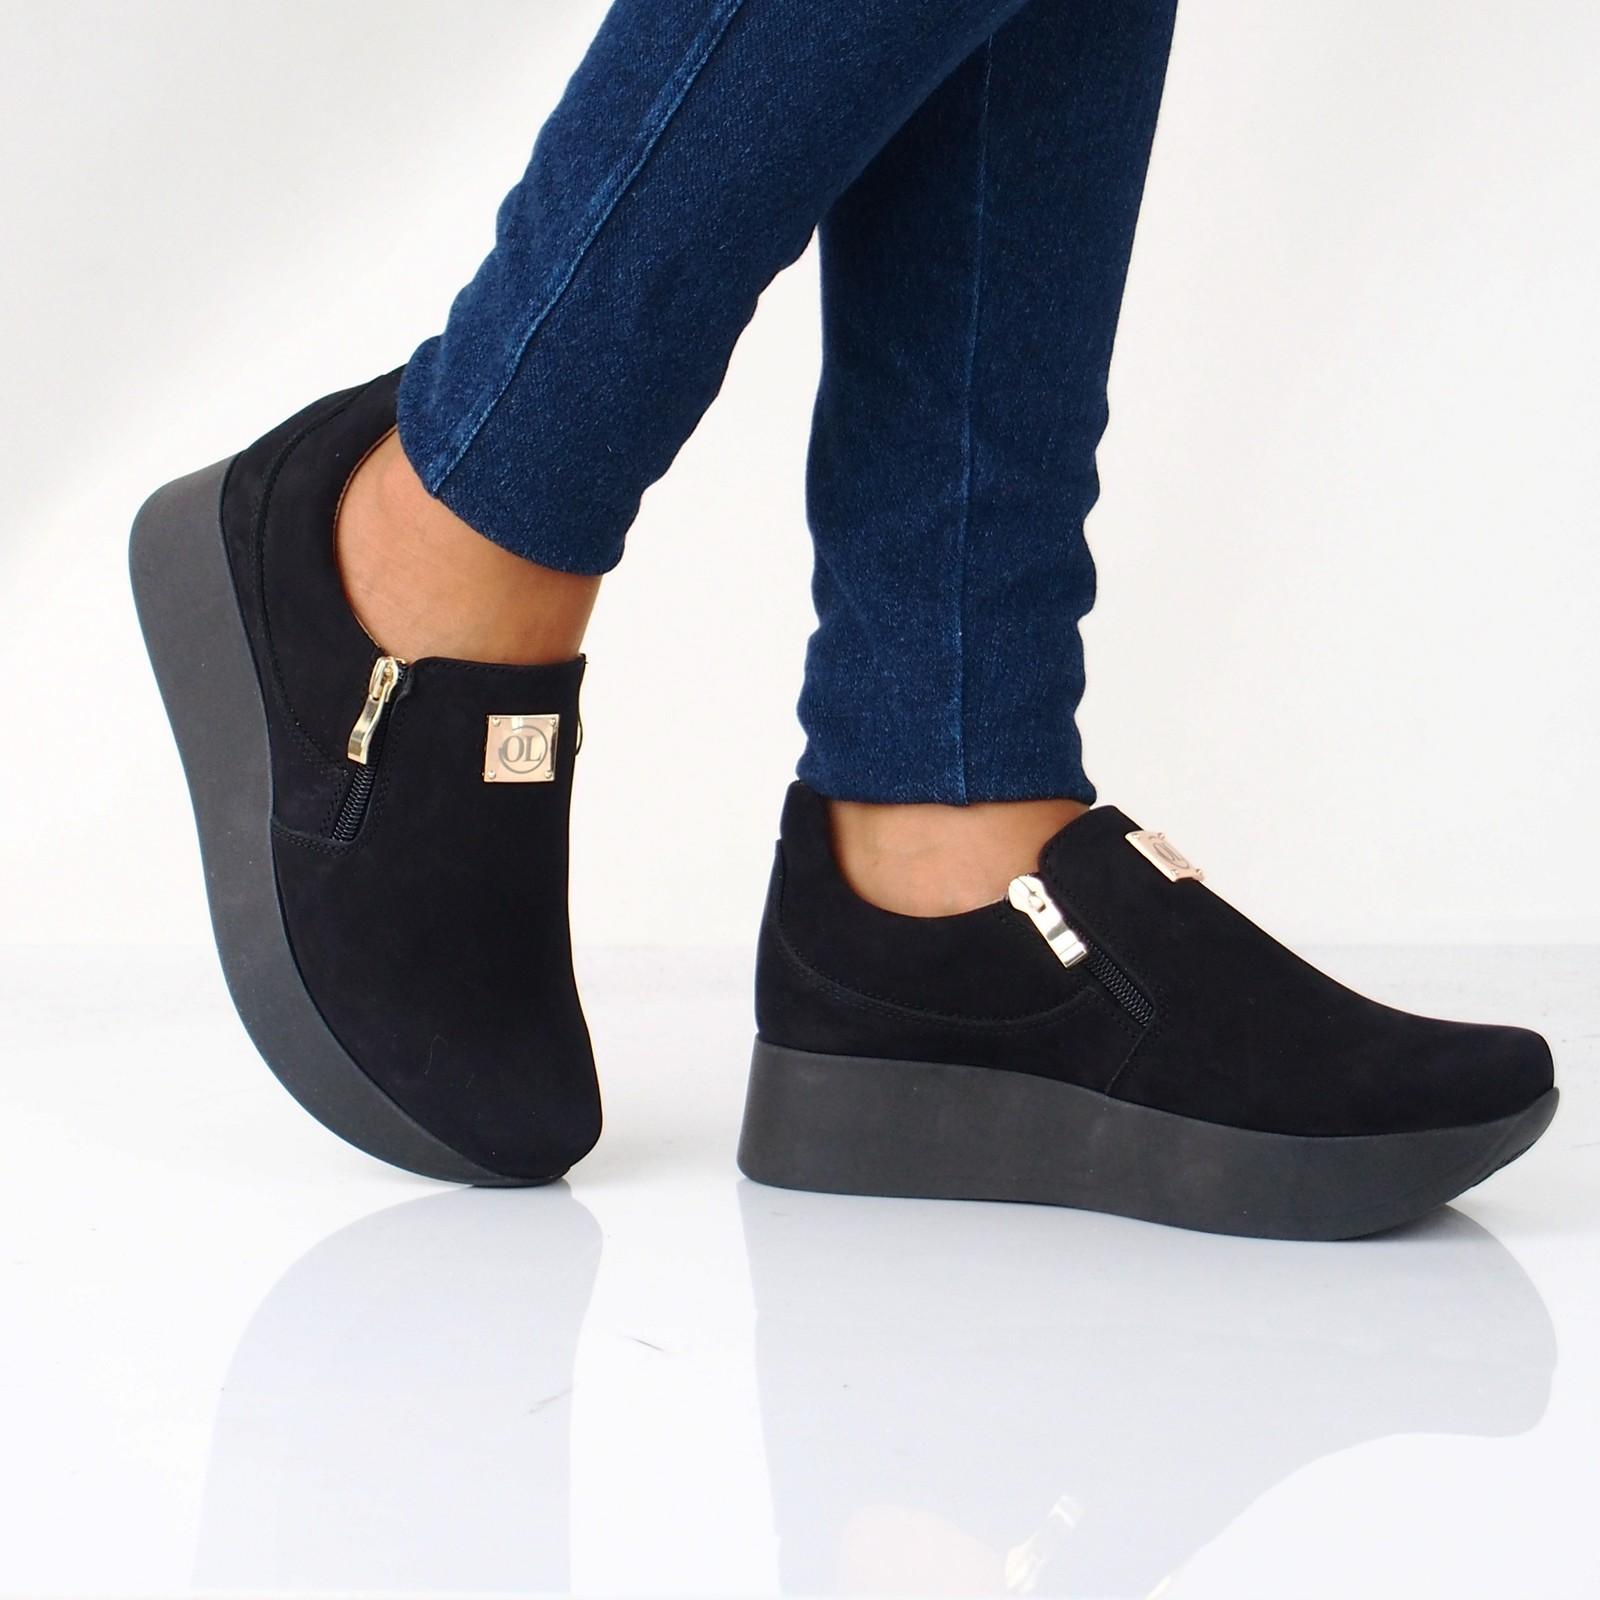 8a18522288 Olivia shoes dámske nubukové poltopánky na platforme - čierne ...